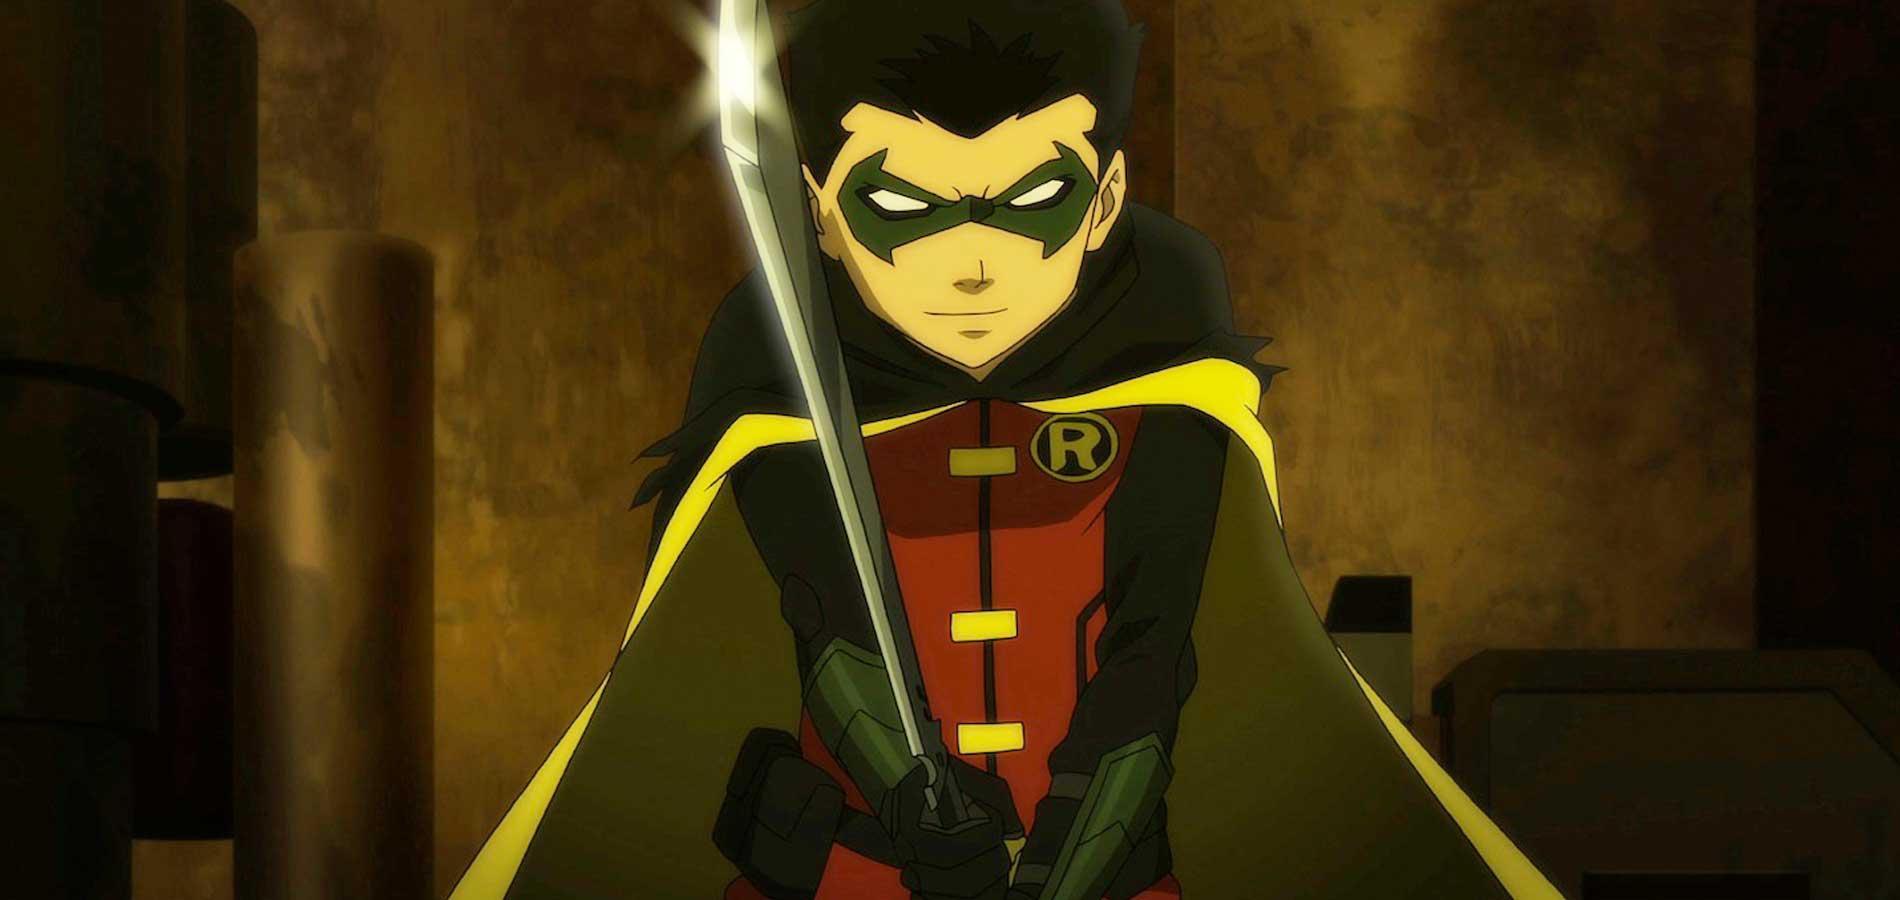 بازگشت به دنیای بتمن؛ WB Montreal مشغول ساخت عنوانی برای Damian Wayne است